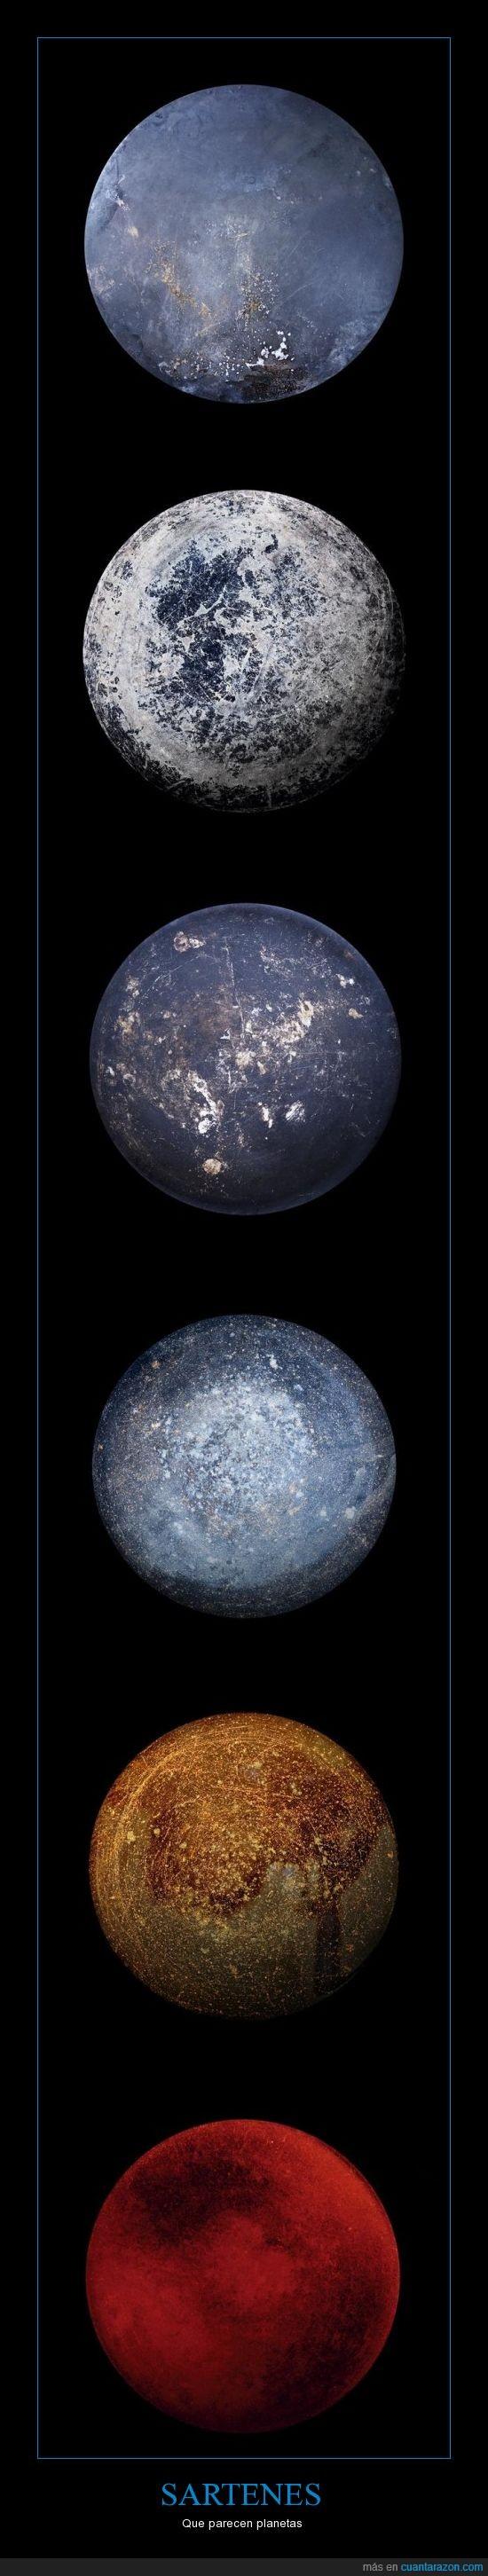 luna,planetas,sartenes